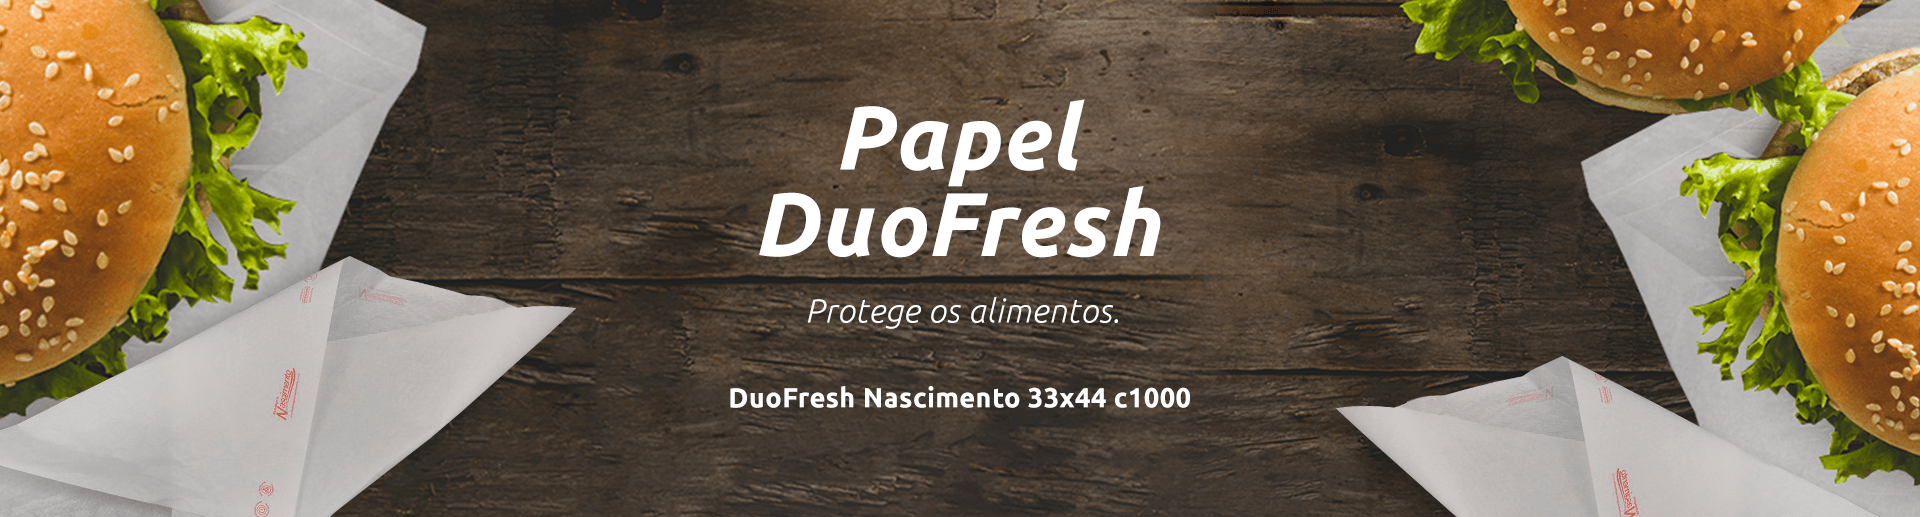 papel-acoplado-duofresh-nascimento.png